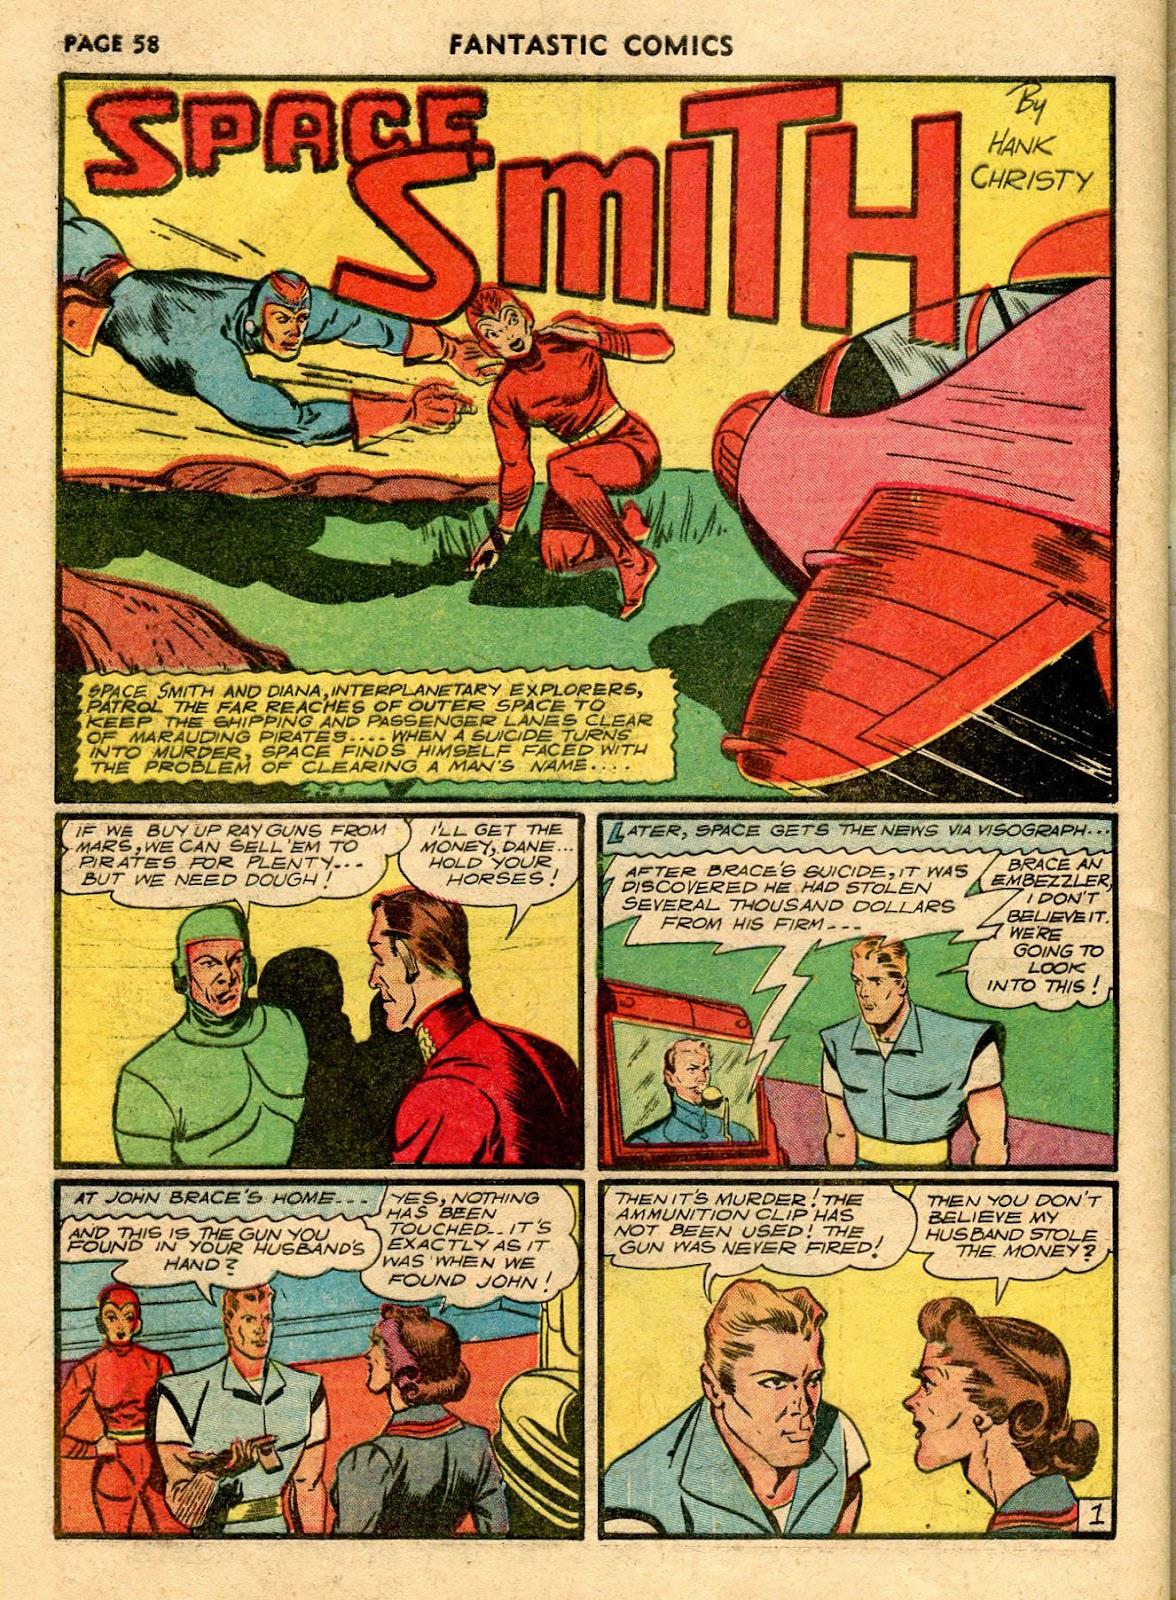 Read online Fantastic Comics comic -  Issue #21 - 56